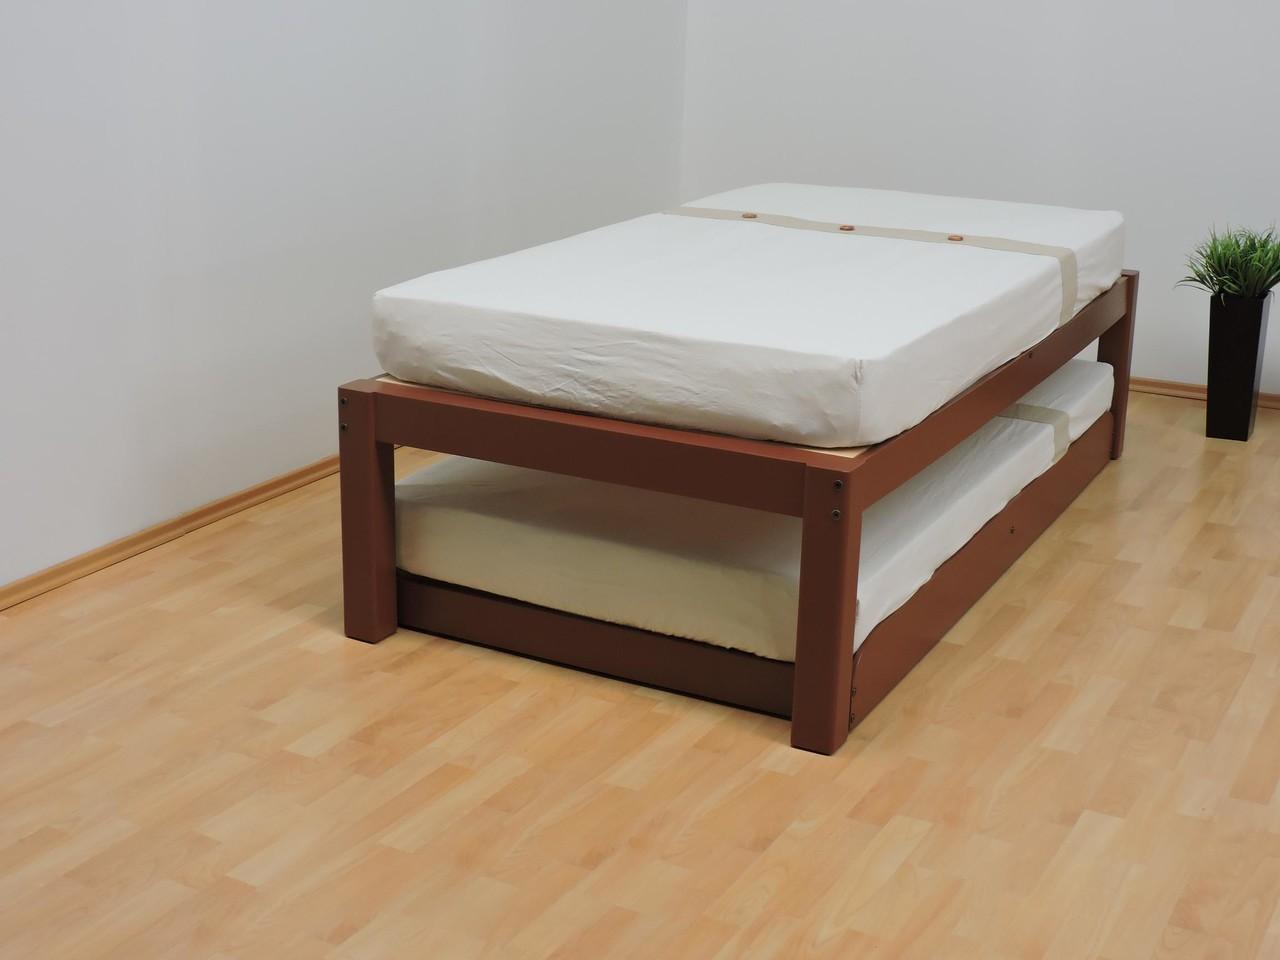 Bases dobles muebles gm muebles de madera for Como hacer una base de cama